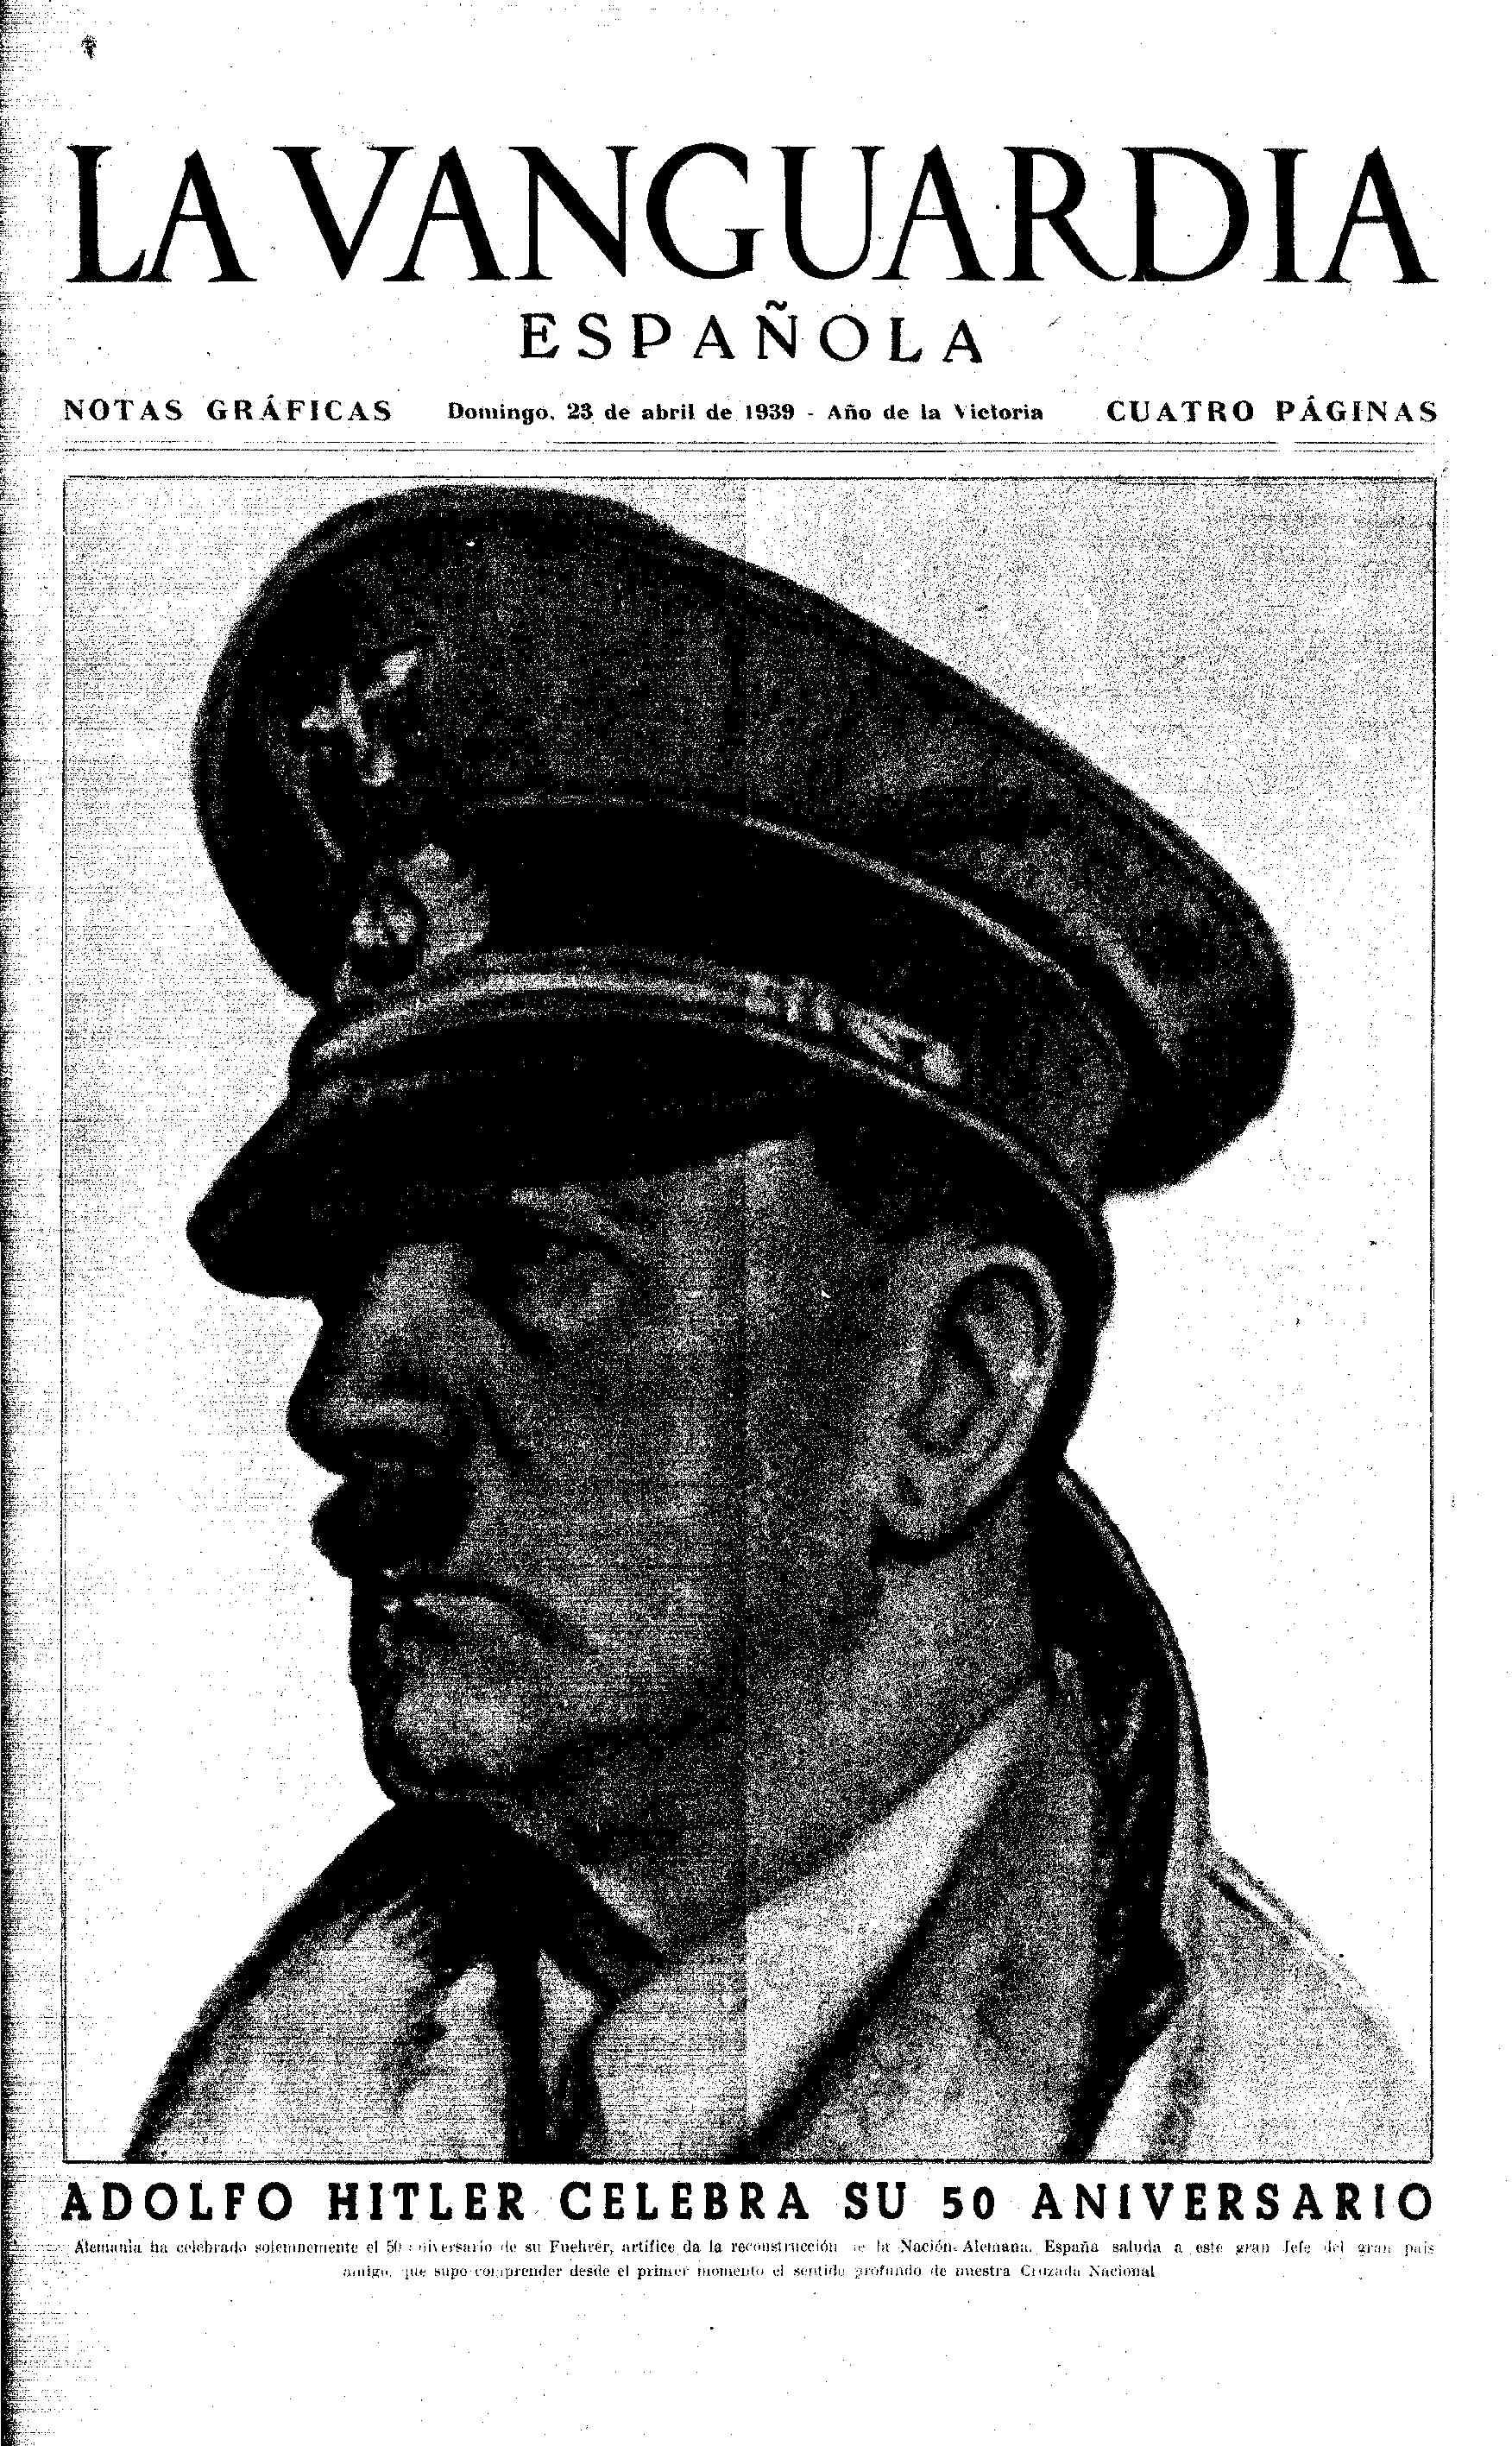 Portada de La Vanguardia del 23 d'abril de 1939 dedicada a Hitler.